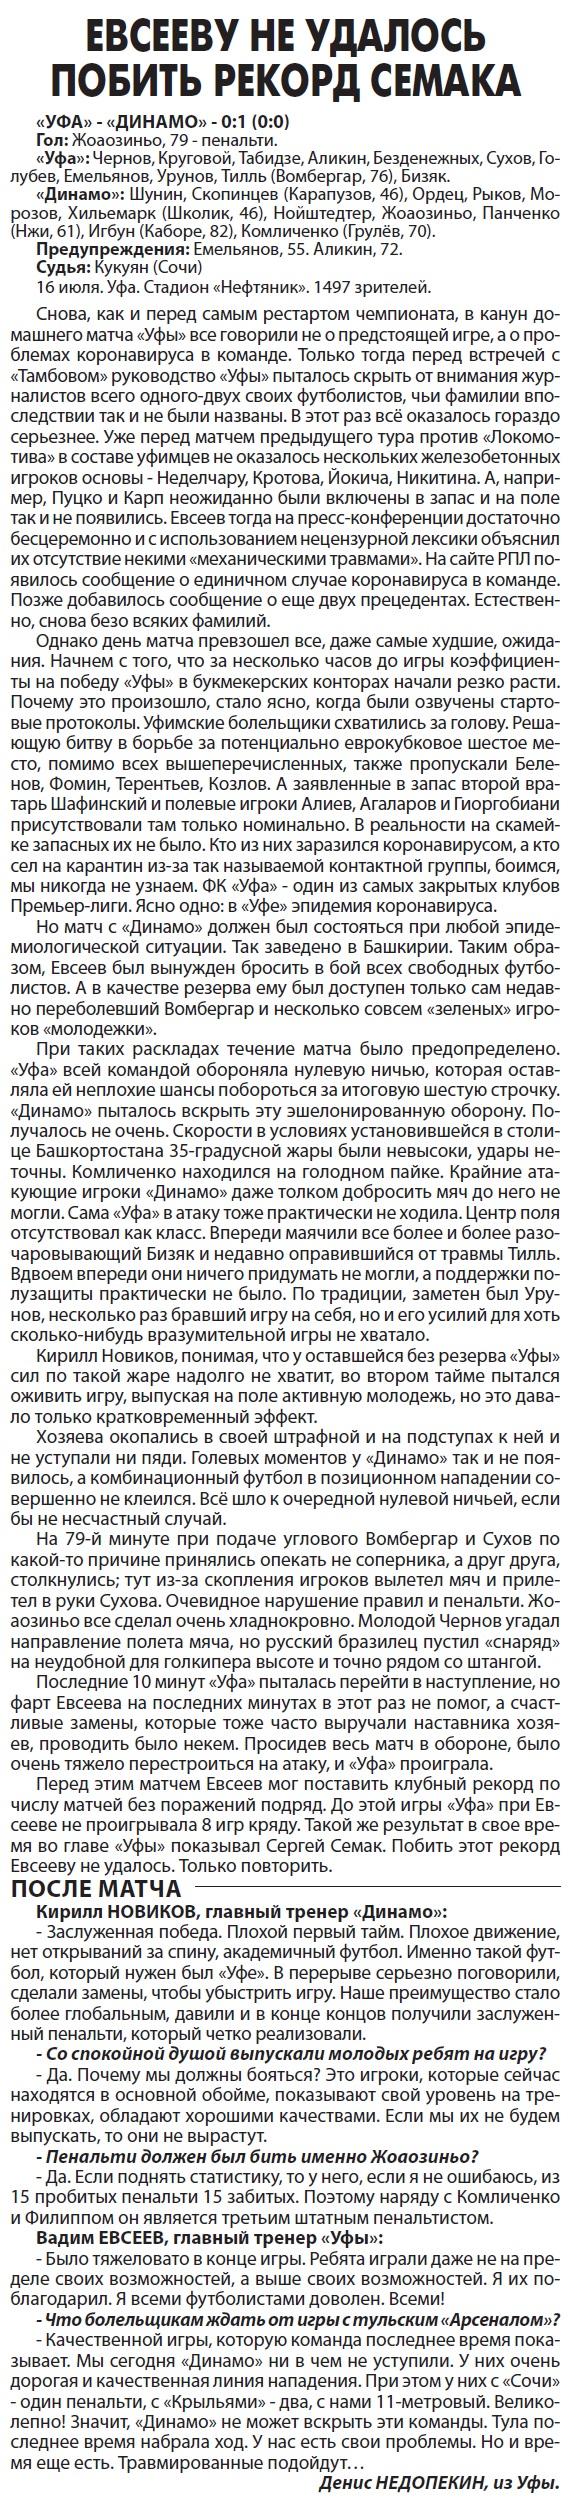 Уфа (Уфа) - Динамо (Москва) 0:1